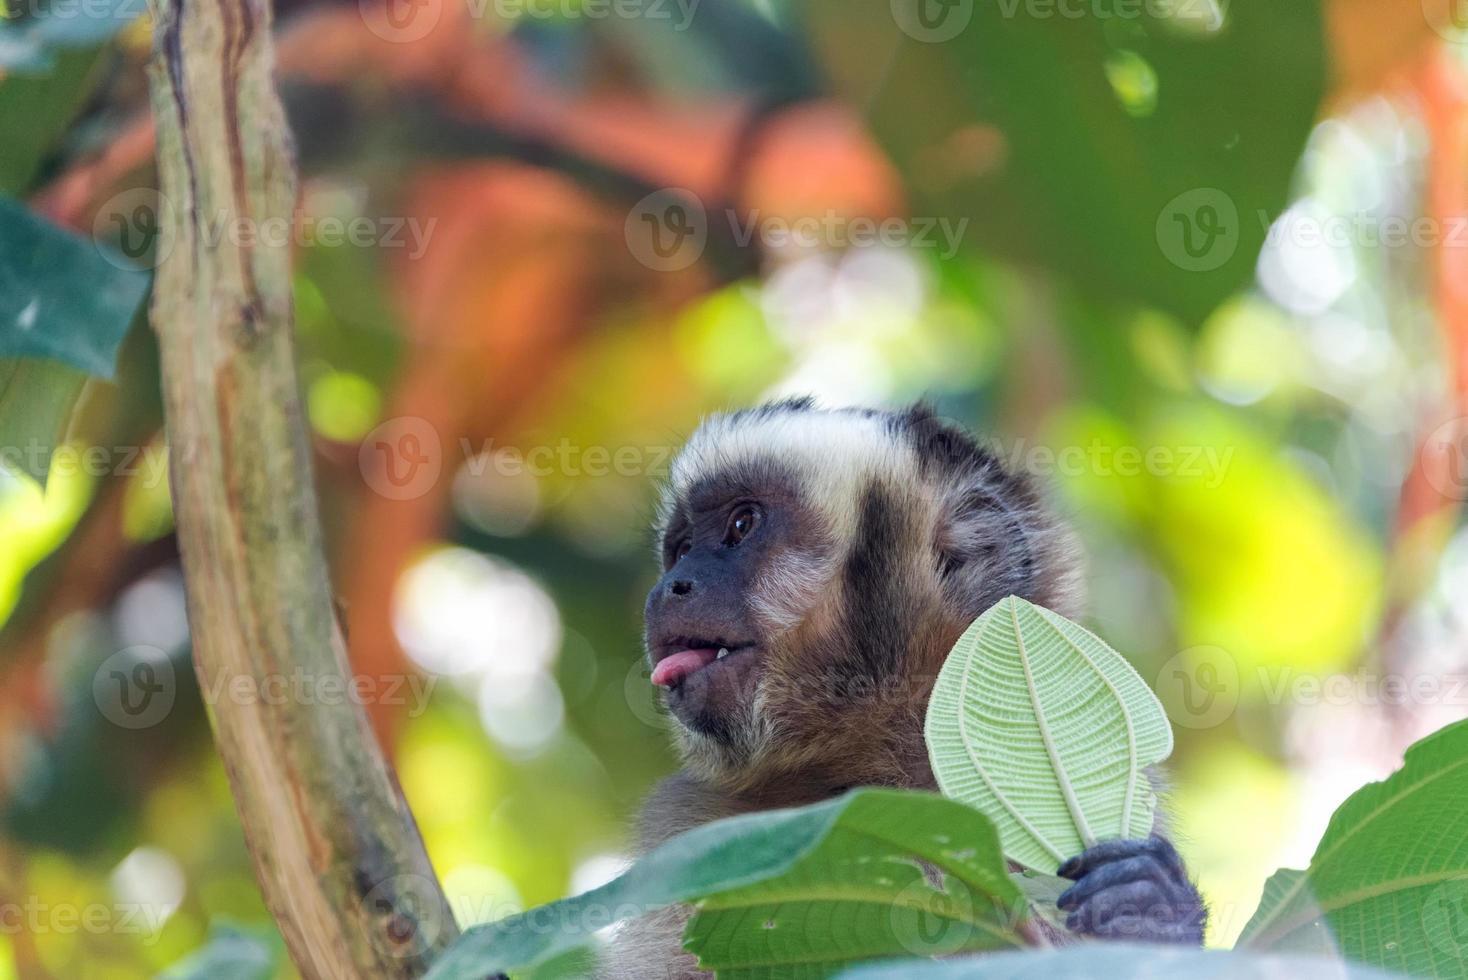 macaco-prego com língua de fora foto